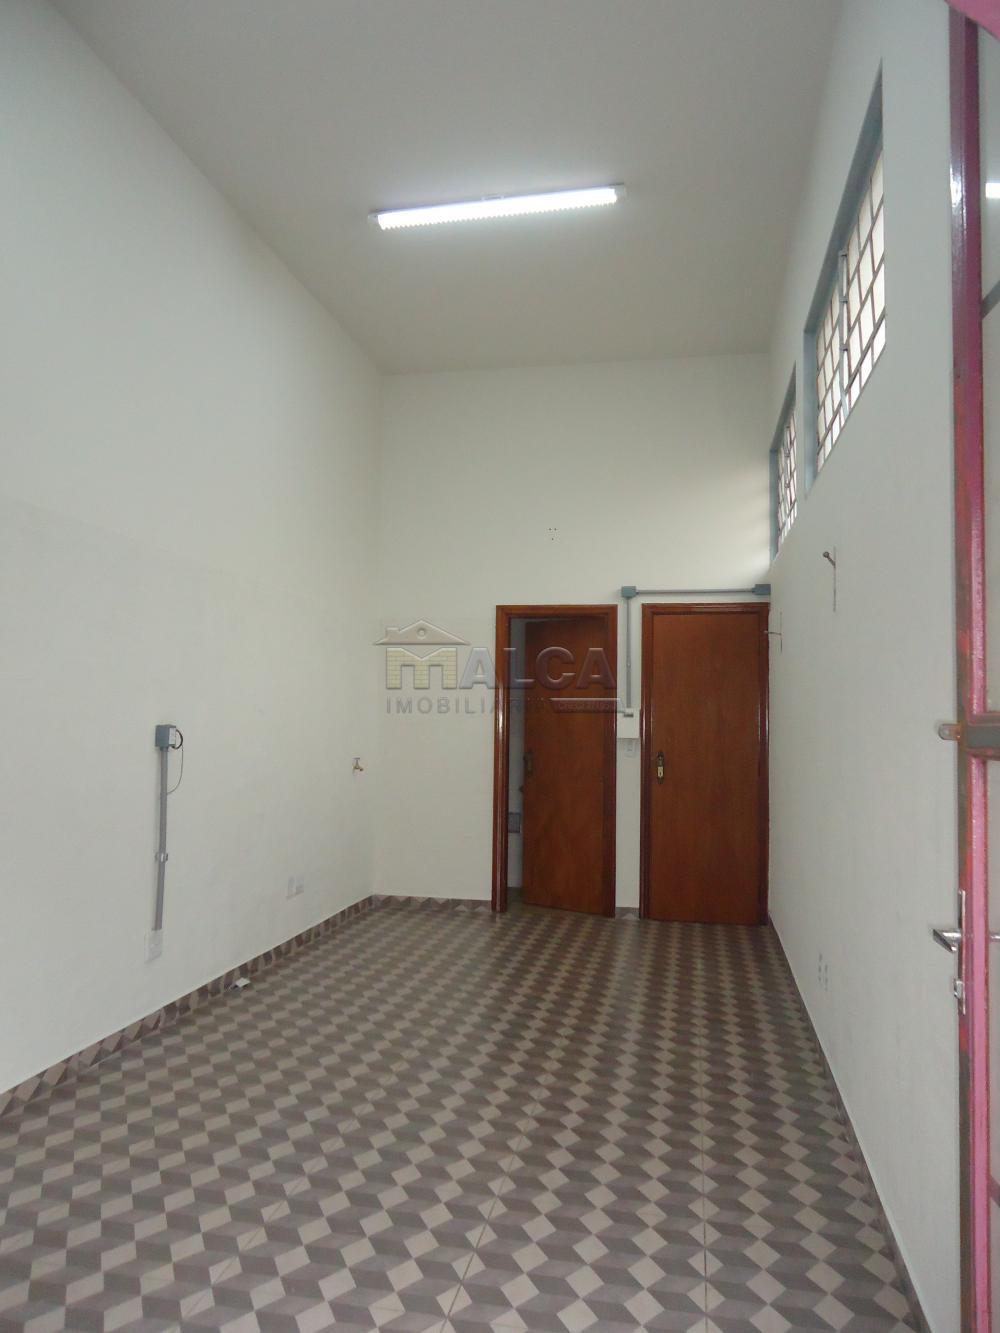 Alugar Comerciais / Salas em São José do Rio Pardo R$ 700,00 - Foto 2